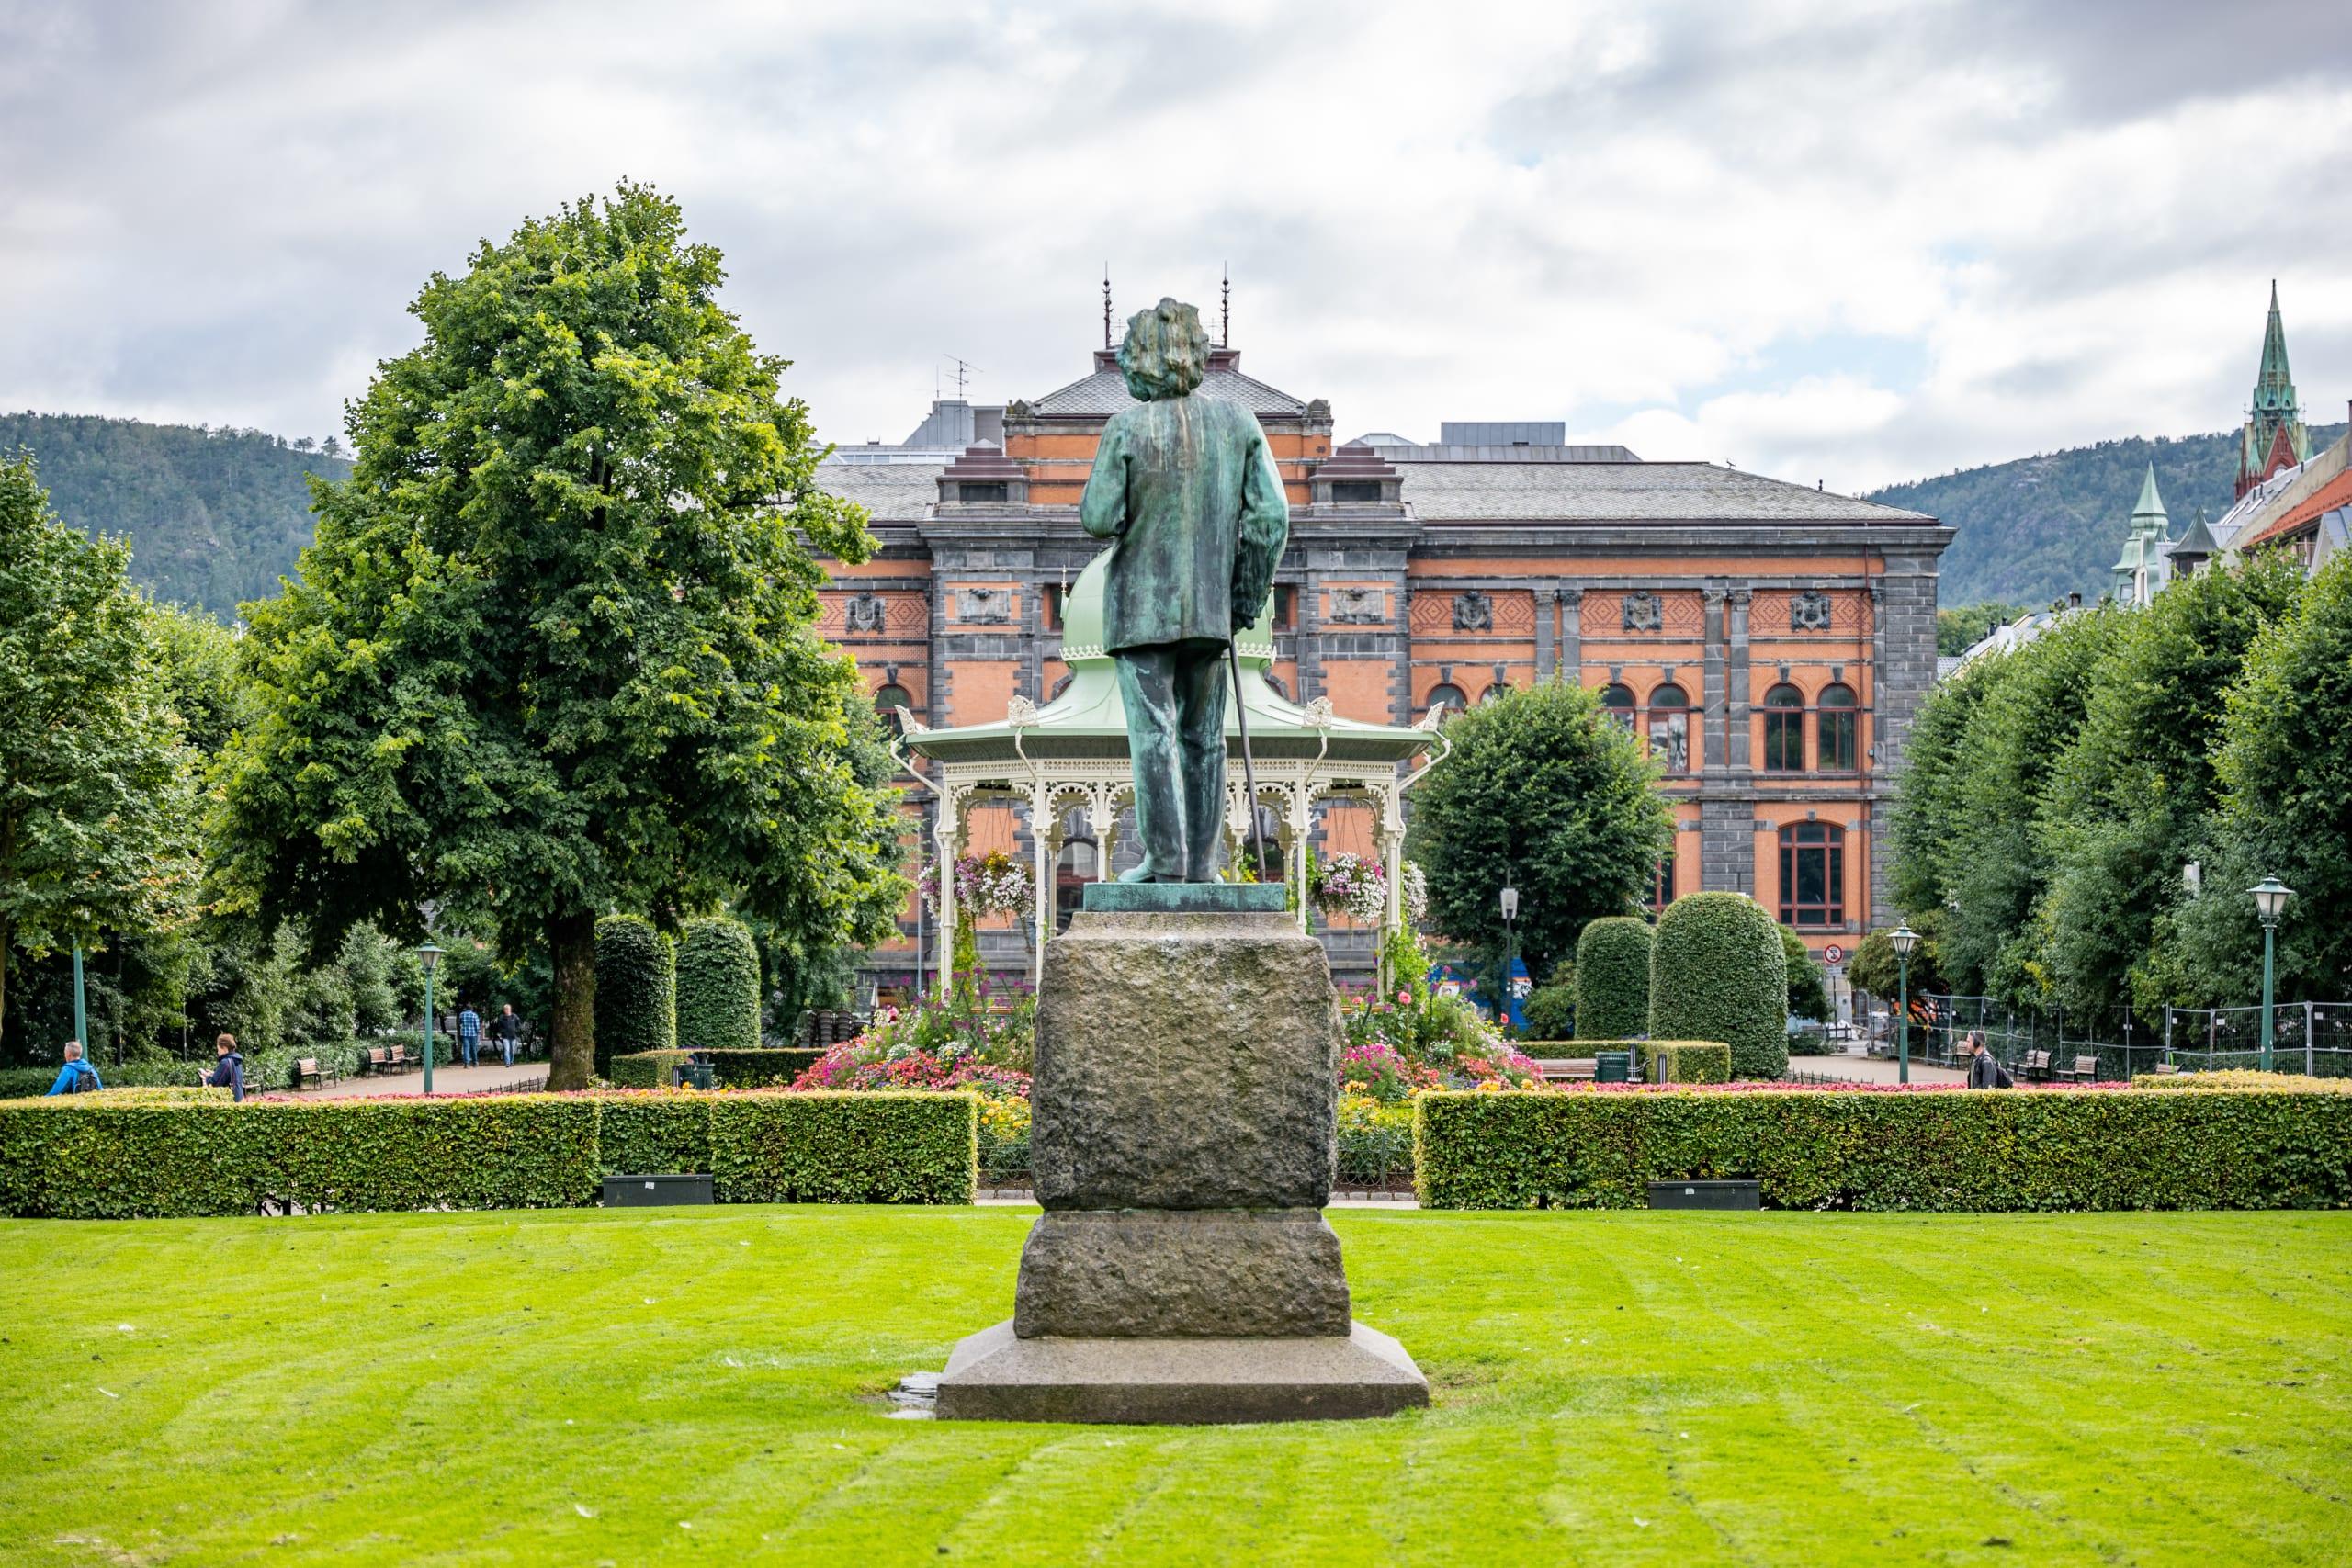 Statue of Edvard Grieg in Byparken in Bergen